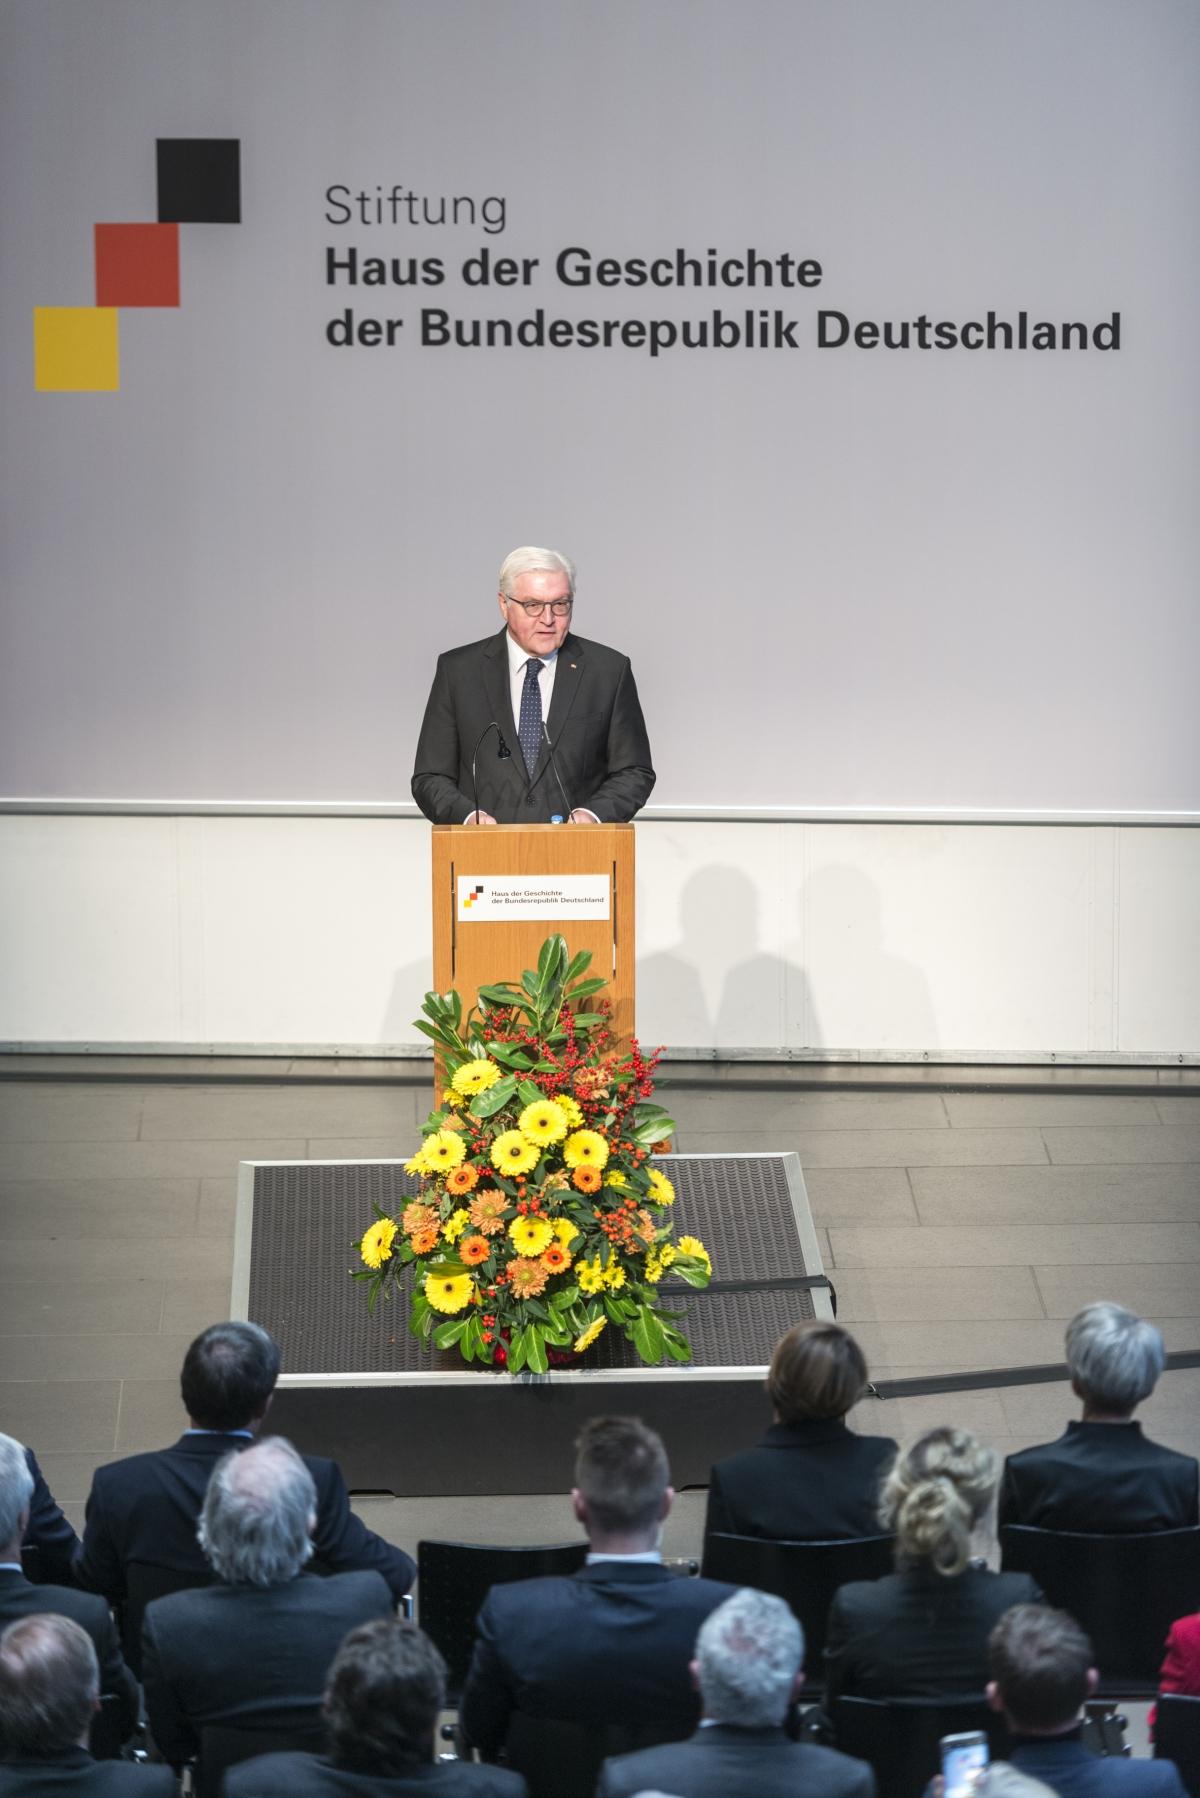 Bundespräsident Frank-Walter Steinmeier im Haus der Geschichte.